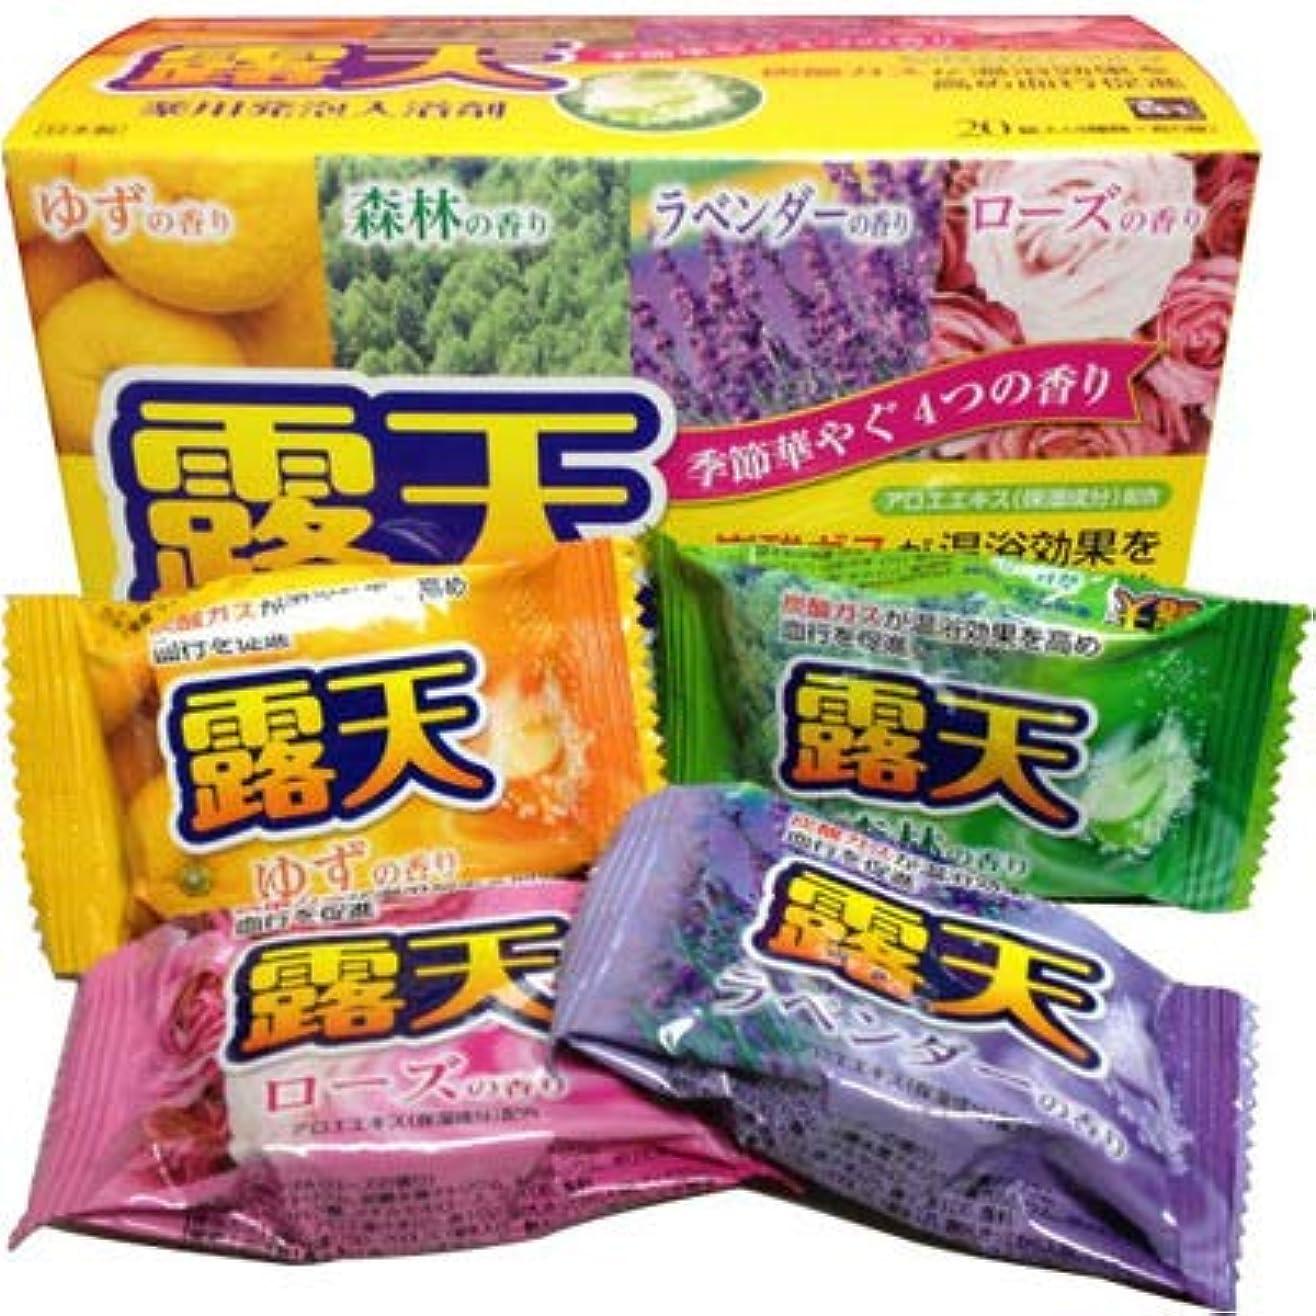 ヨーグルト動的卒業薬用発泡入浴剤 露天40g 4種類アソート(1セット400個入)